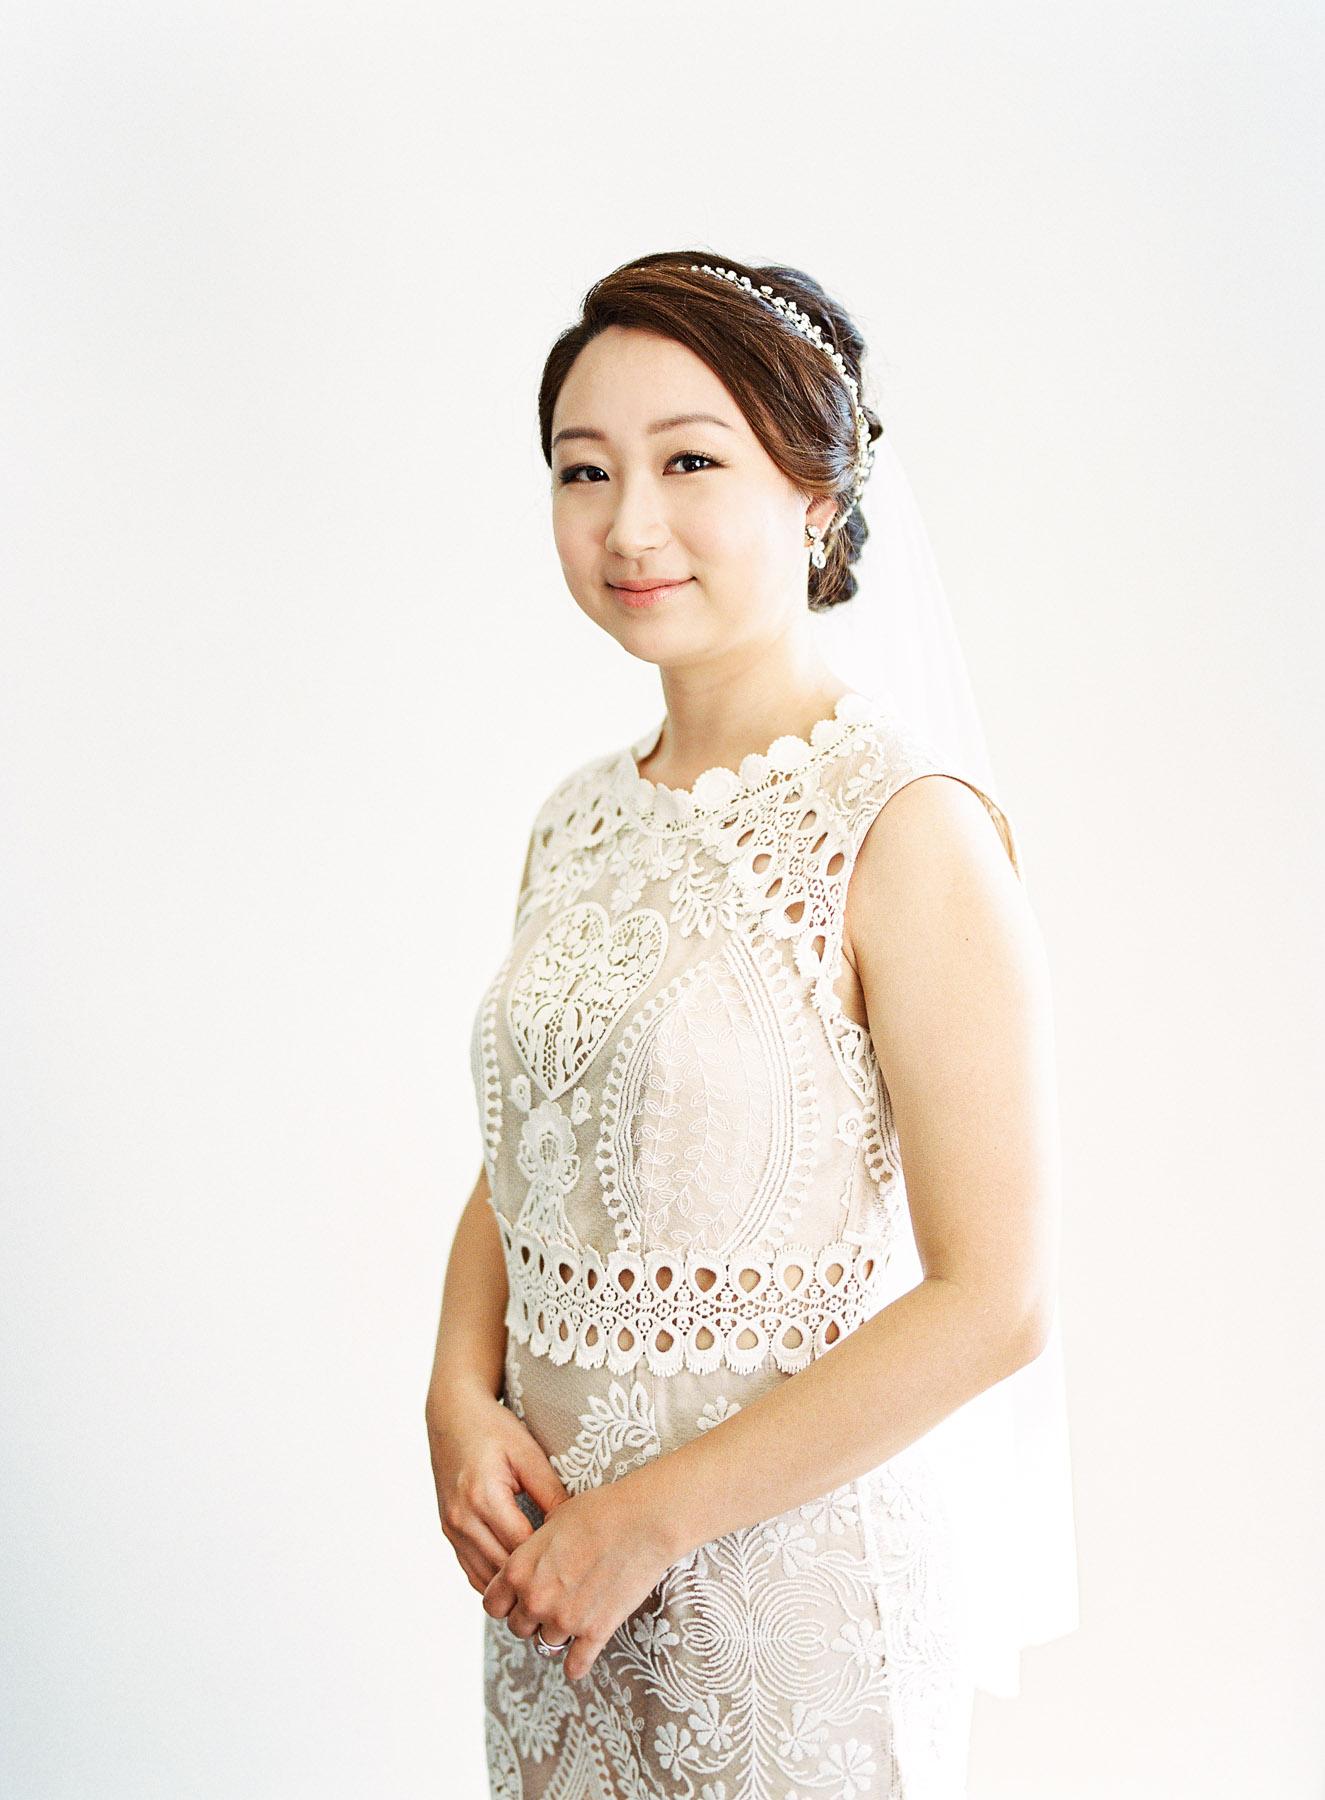 Bride Wearing BHLDN Wedding Gown